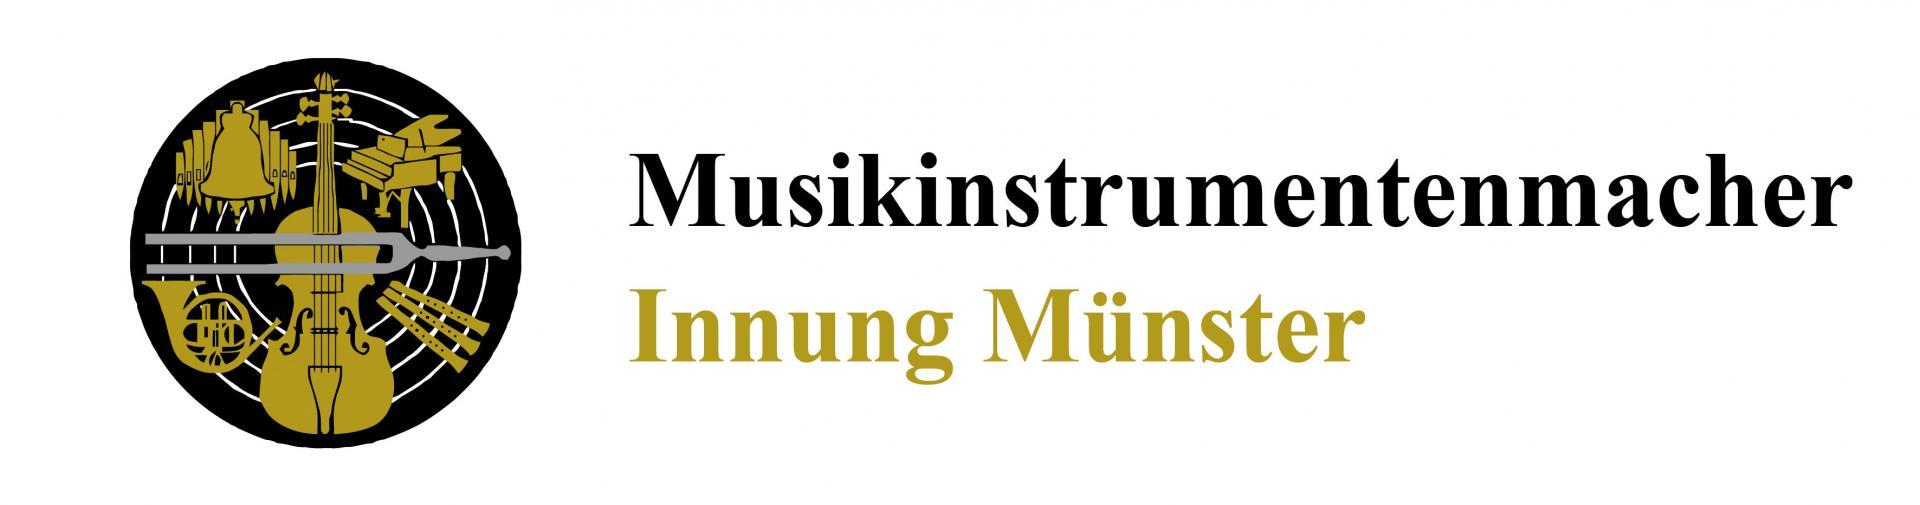 Musikinstrumentenmacher‐Innung Münster